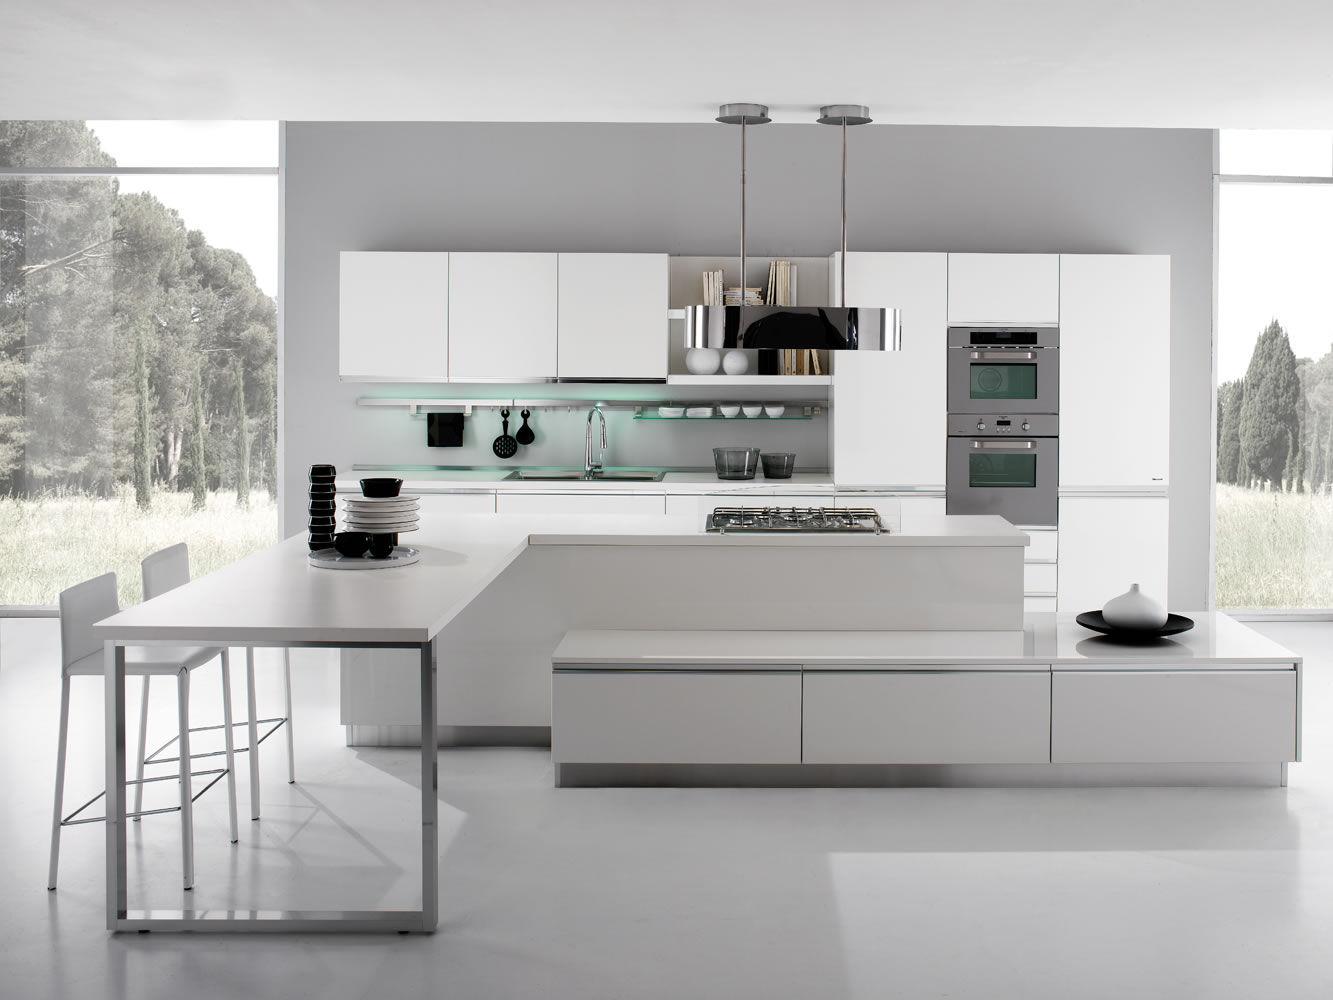 cucina moderna in laminato glass zampieri cucine. cucine moderne ...